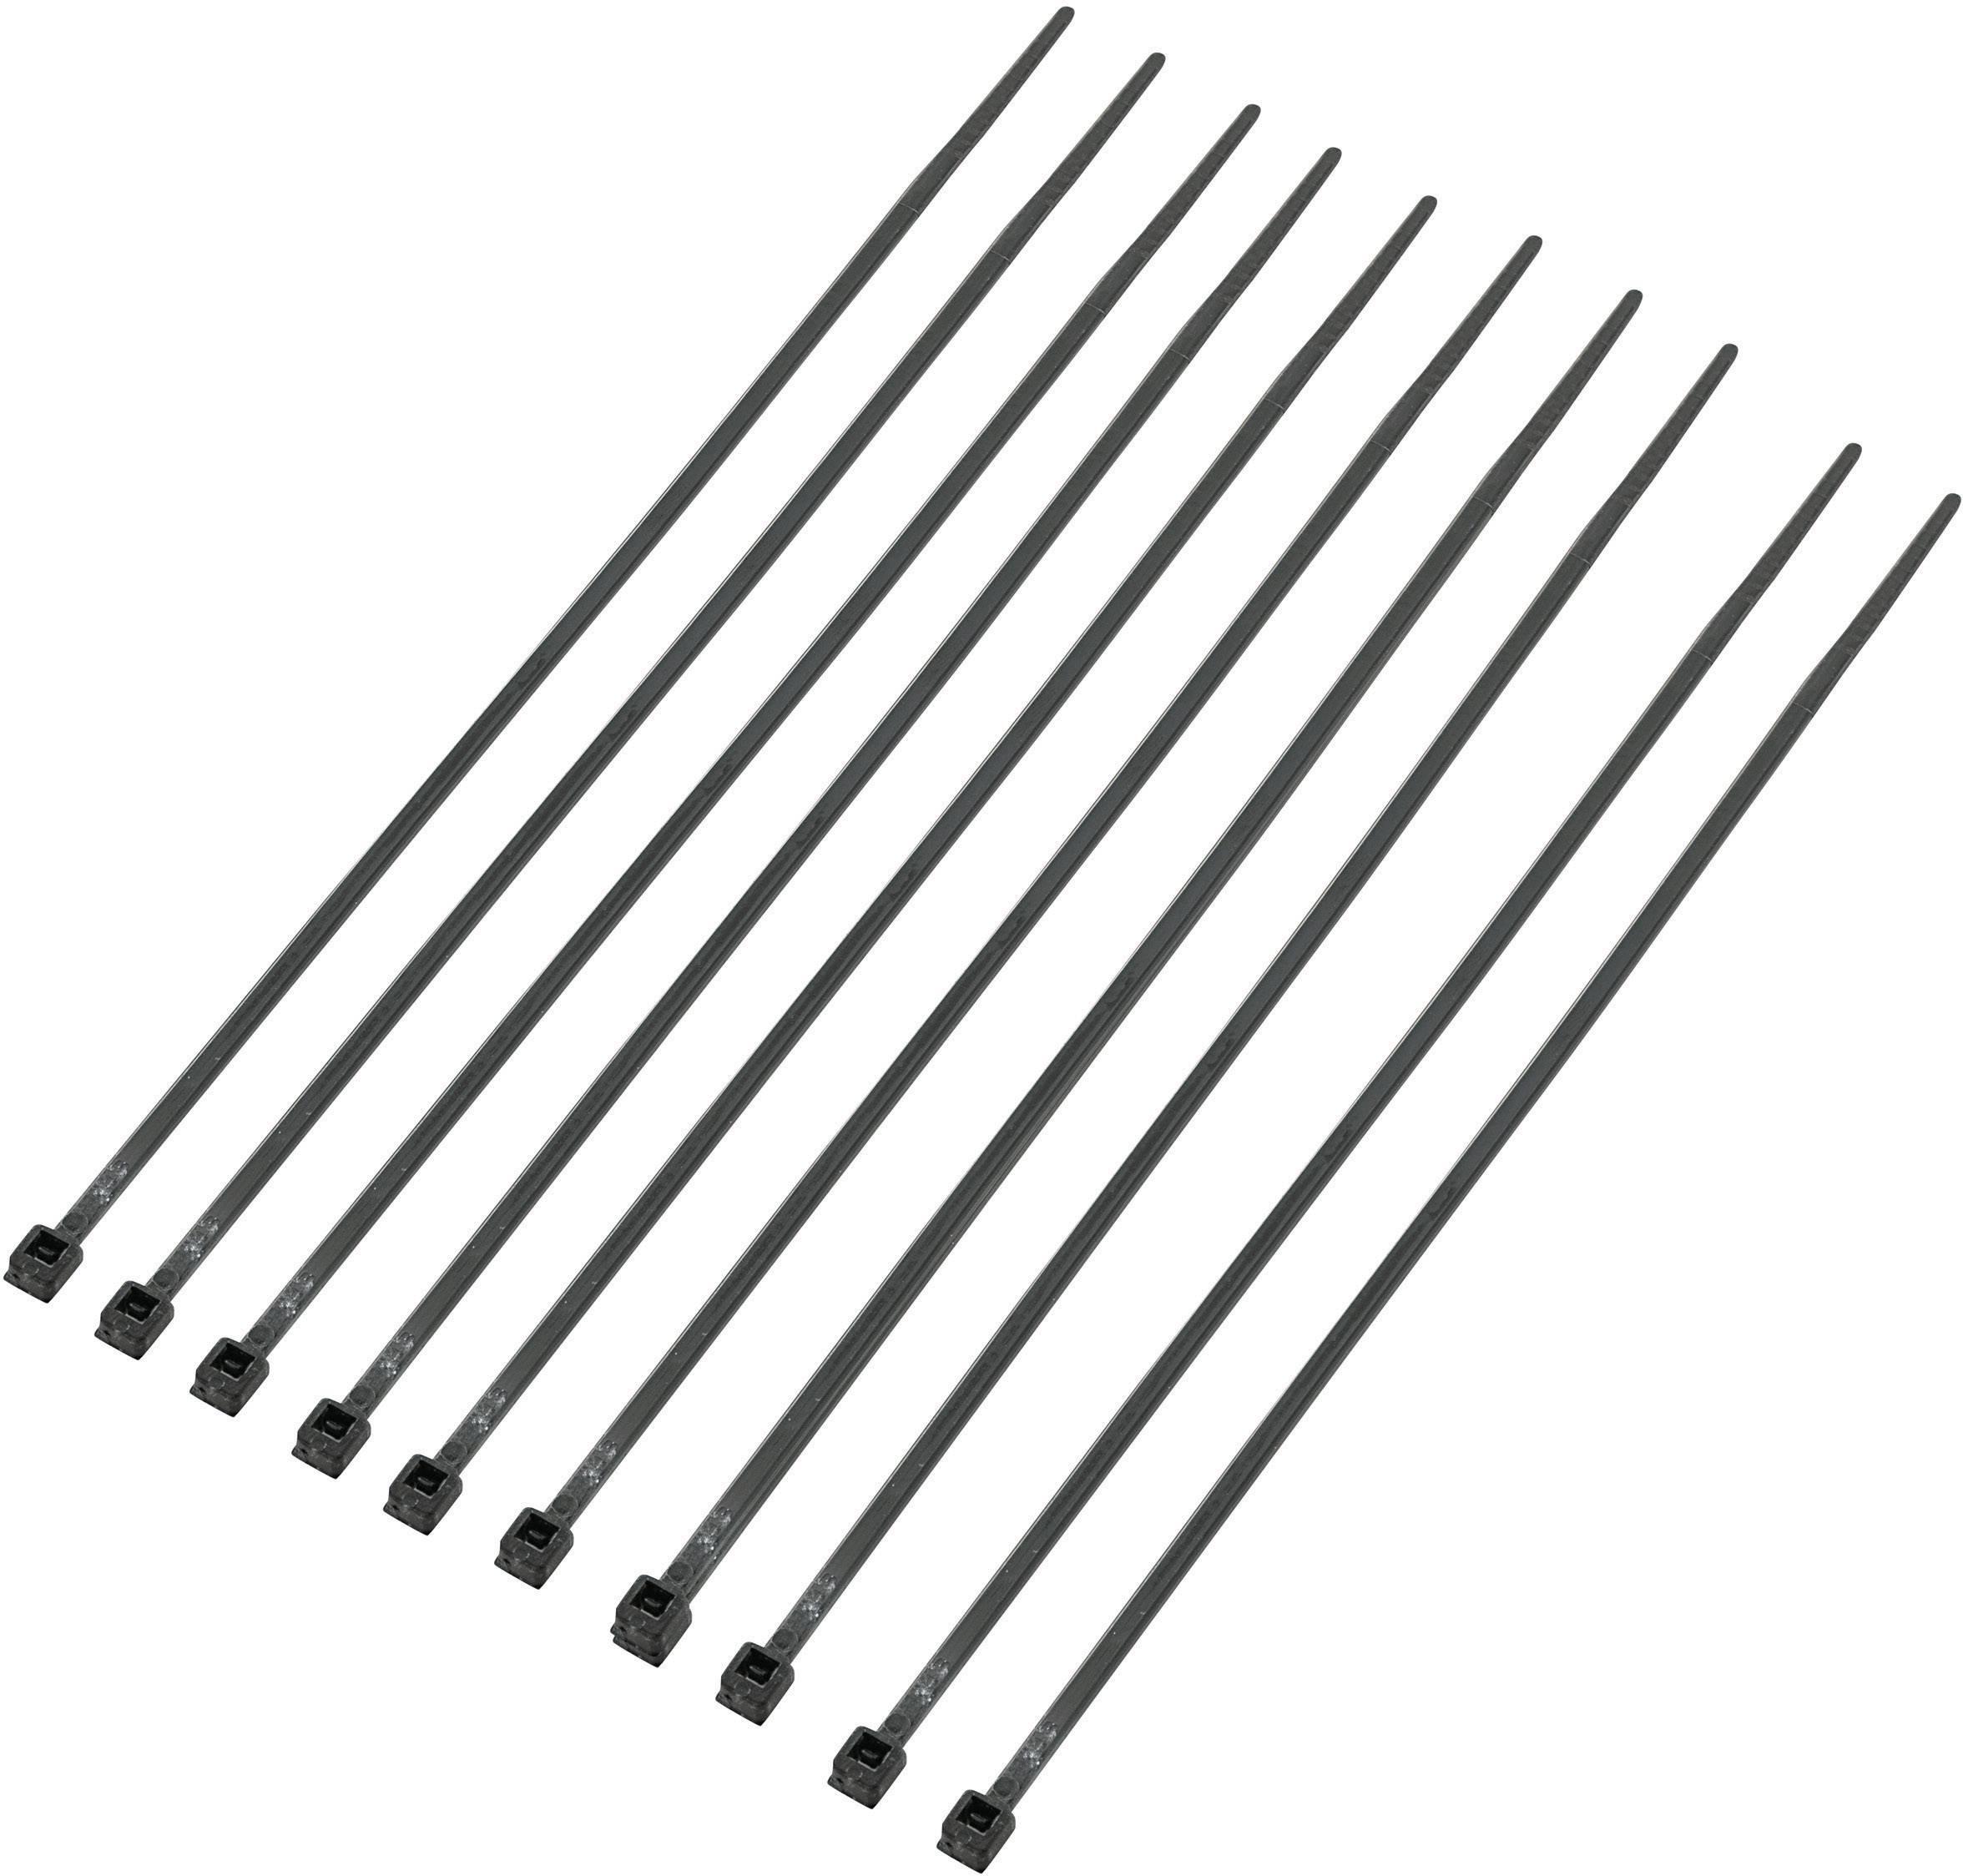 Standardna kabelska vezica z notranjimi zarezami (D x Š) 150 mm x 2.5 mm CV150KBK črna 1000 kosov, KSS